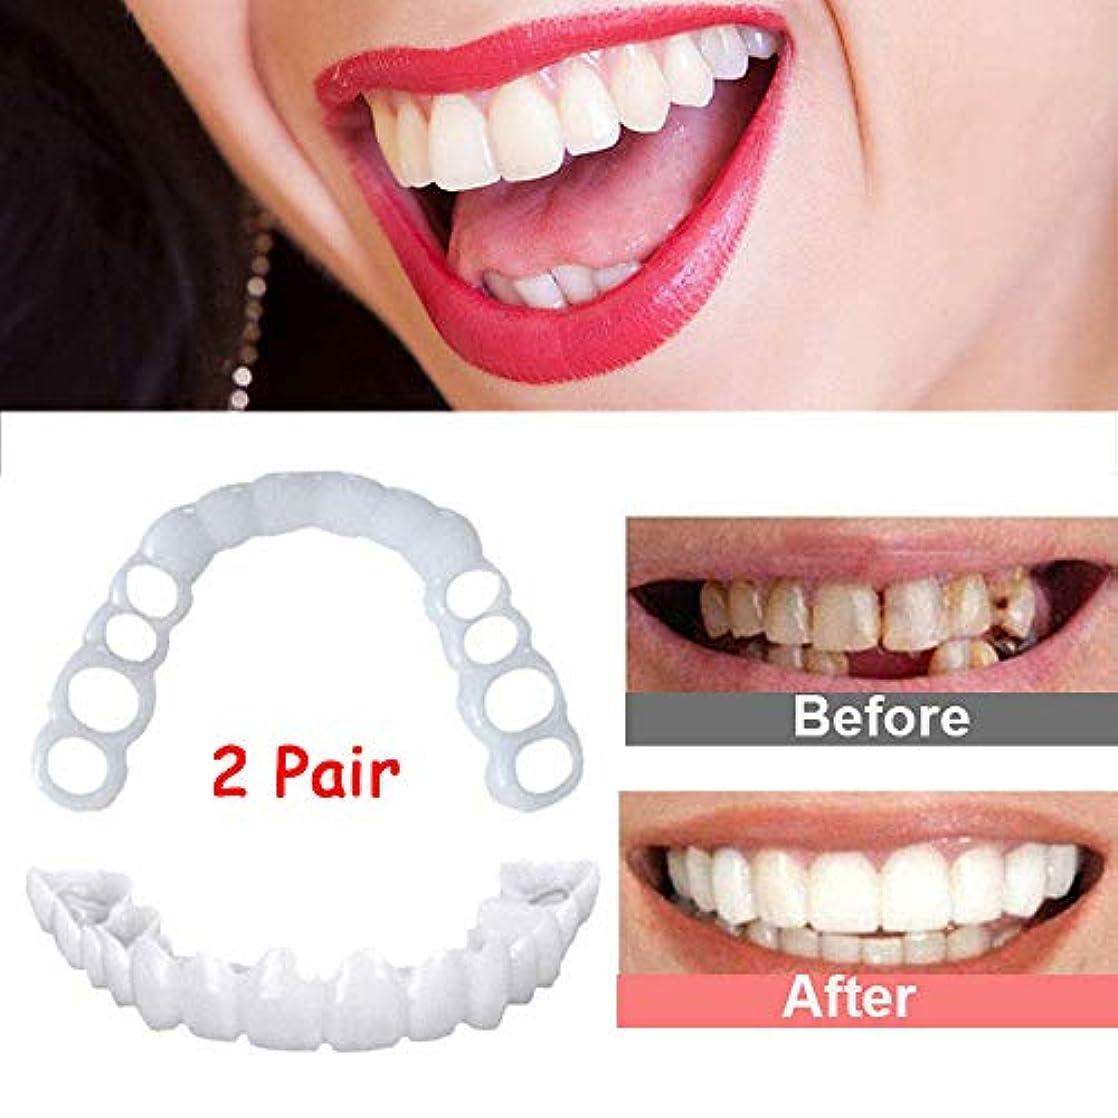 欺日常的に医療過誤パーフェクトスマイルの2ペアの再利用可能なスナップが数分でホワイトニング義歯フィットフレックス化粧品の歯快適なベニヤカバーデンタルケアアクセサリーボックス付き